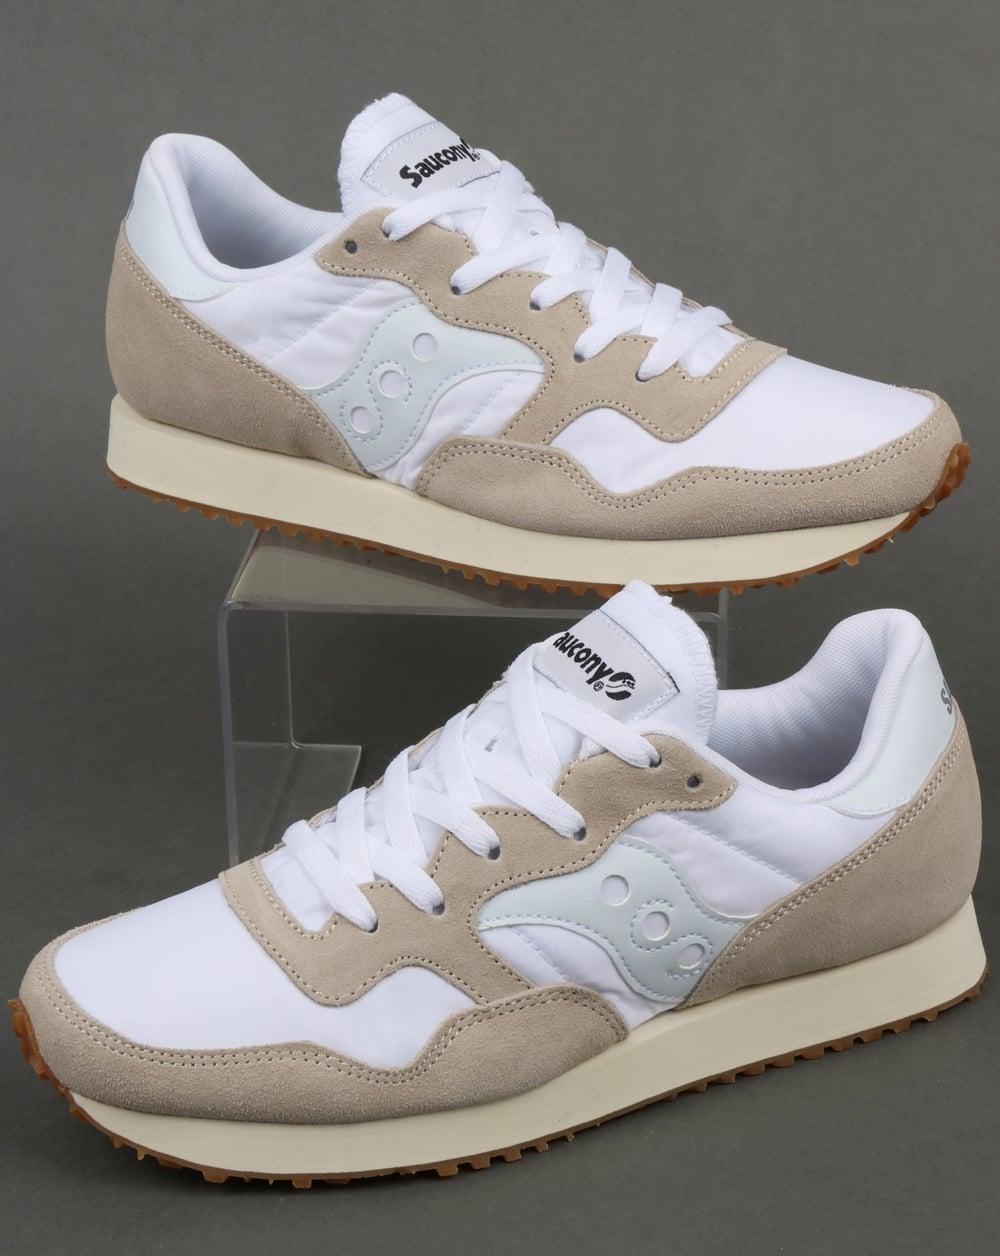 a2010c945e92f Saucony DXN Vintage Trainers White/Gum